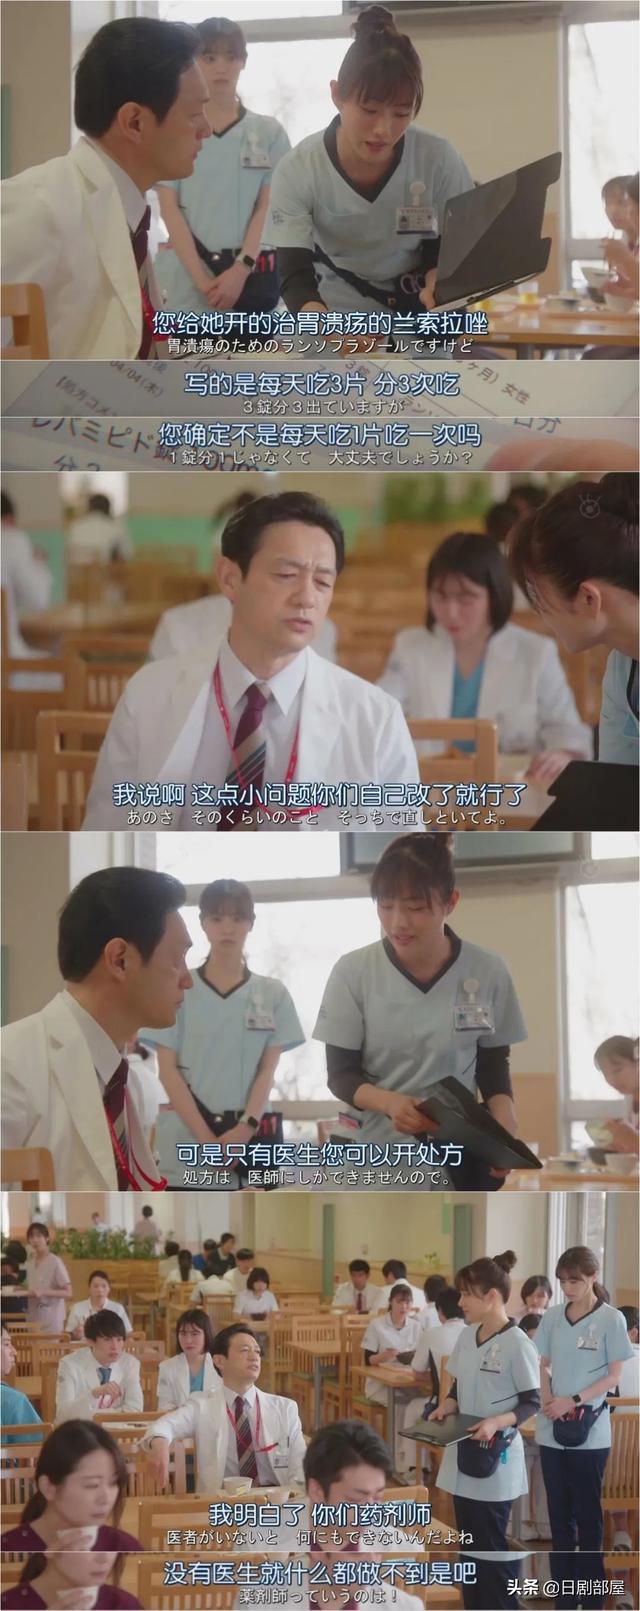 石原里美演藥劑師,展現日本小眾職業風采